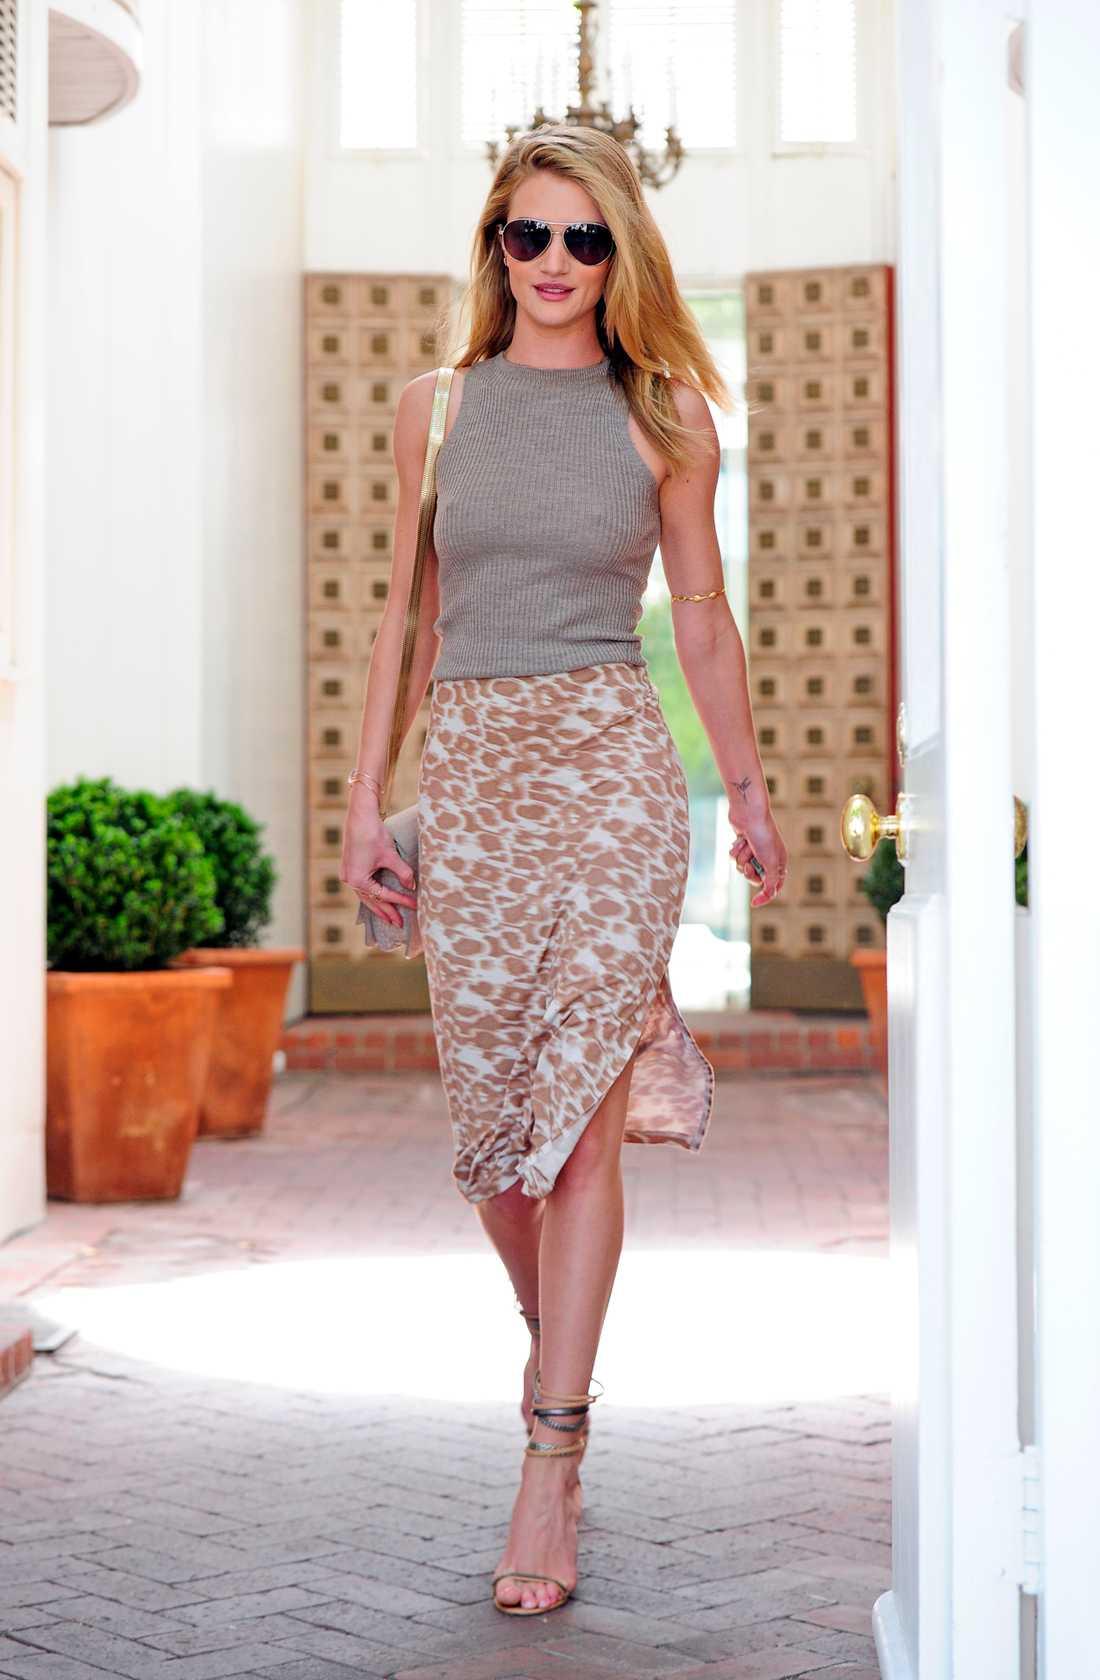 Rosie Huntington Whiteley På väg ut från en skönhetssalong i West Hollywood.